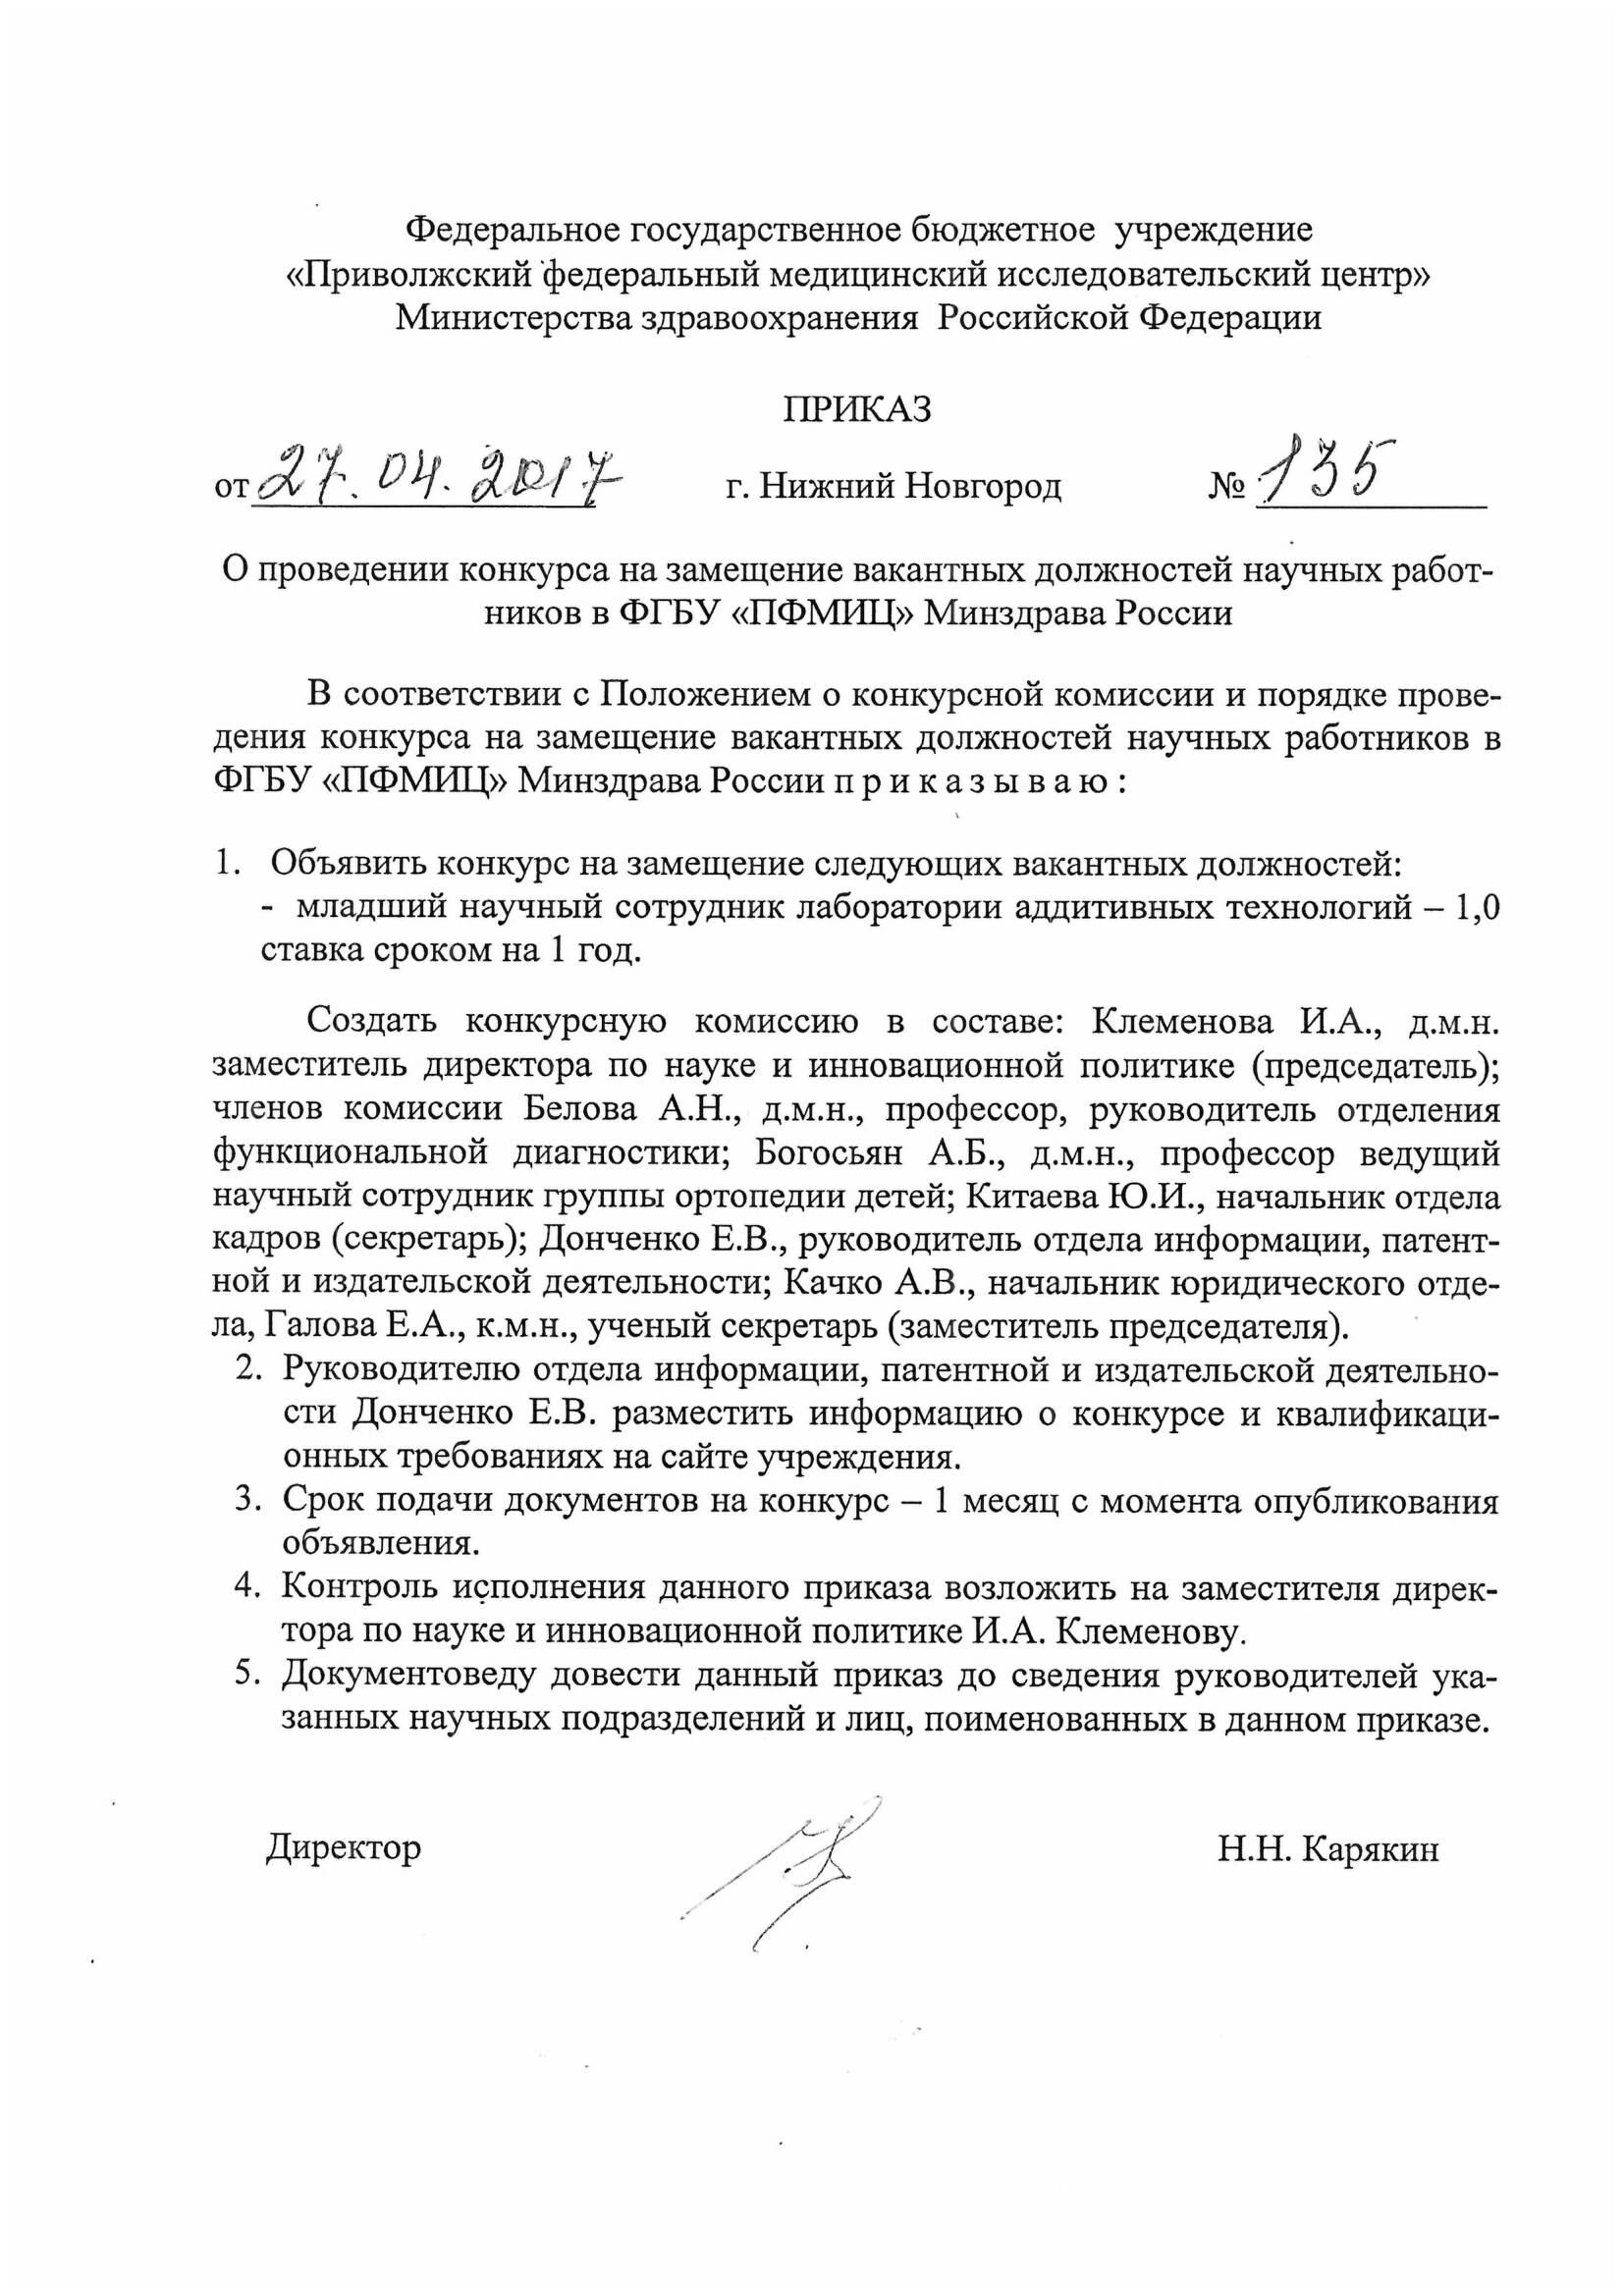 Конкурсы на замещение должностей иркутск